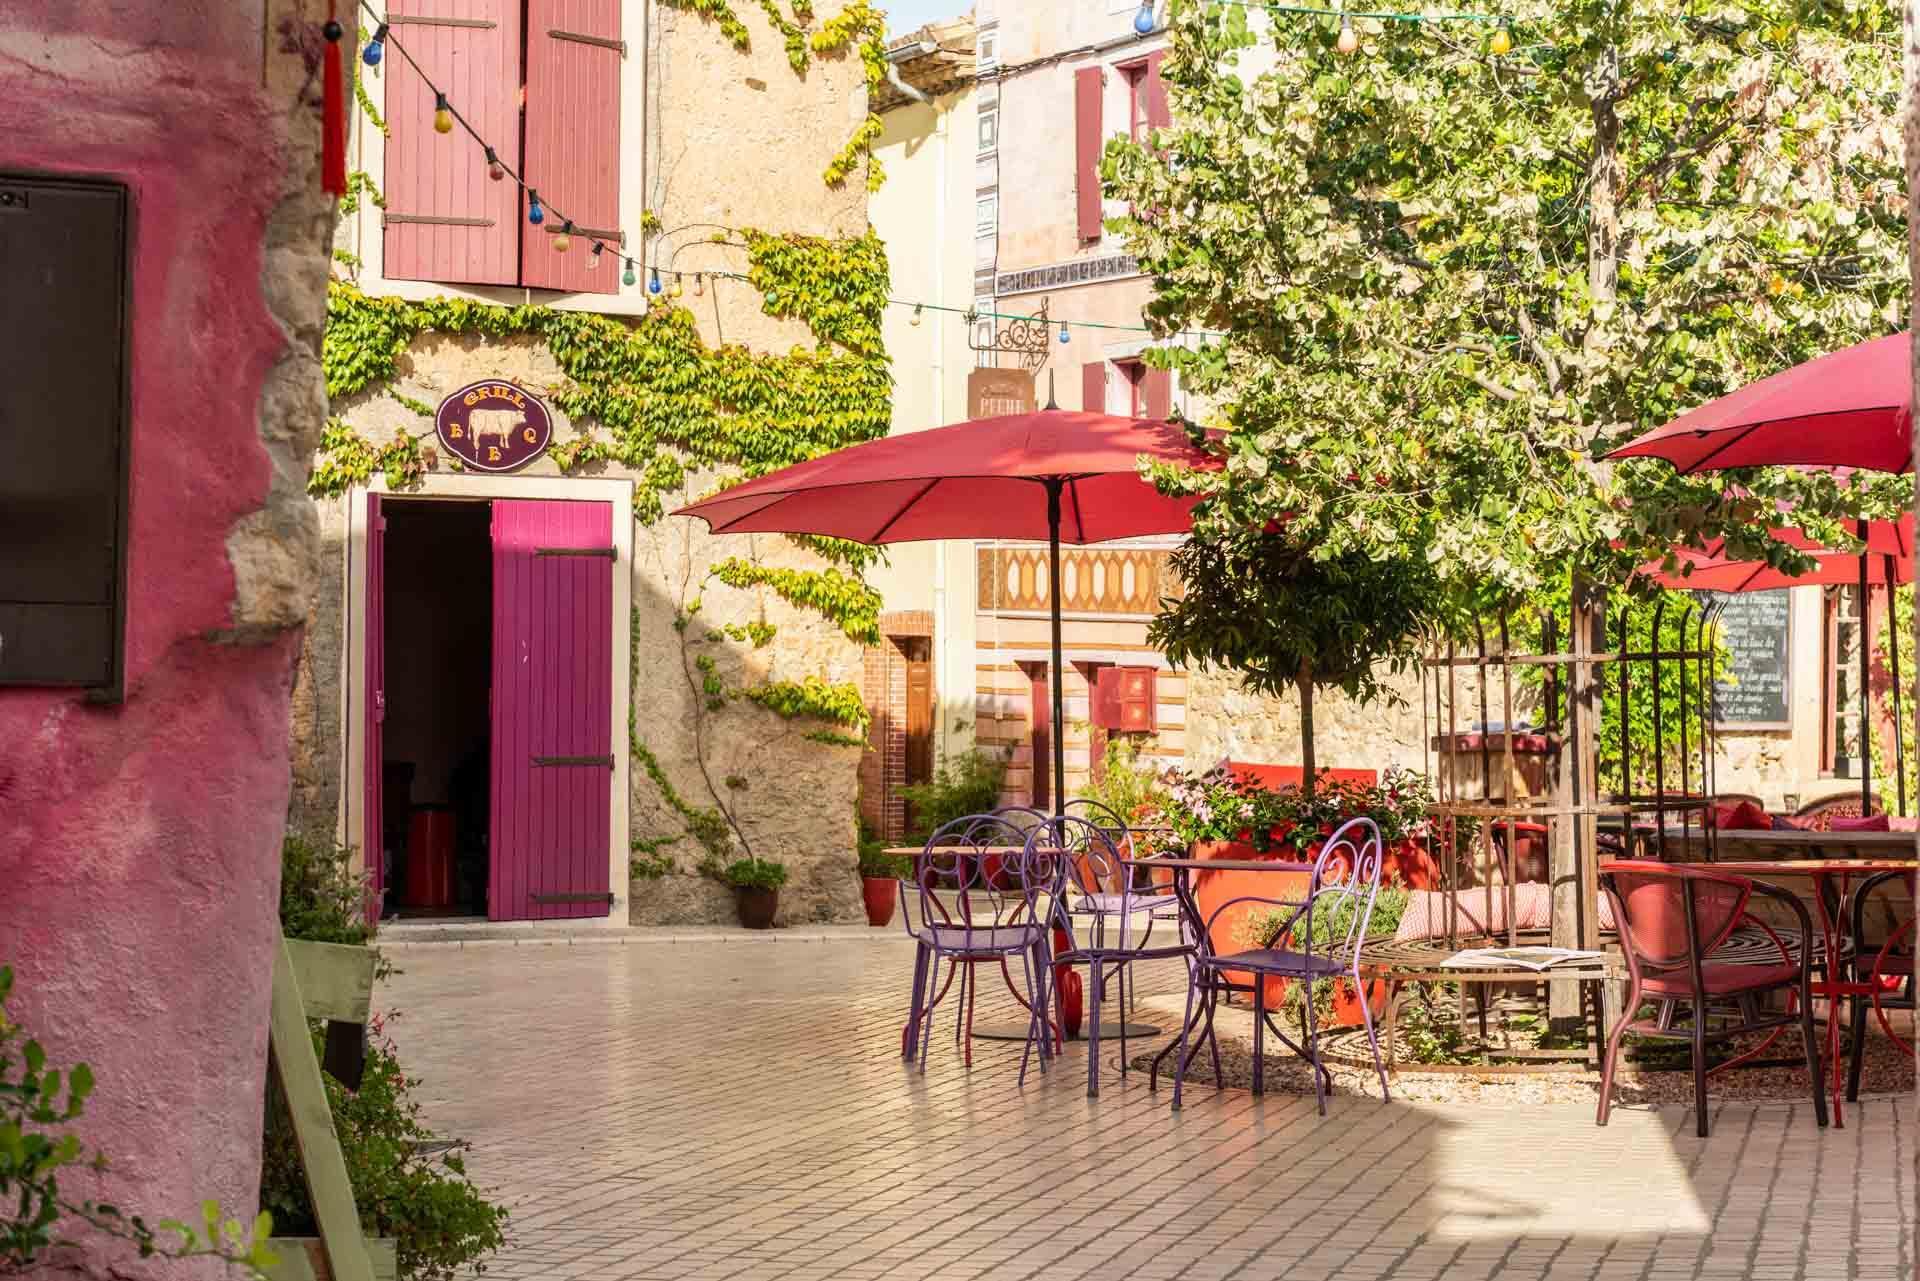 La place centrale du village de Castigno © DR